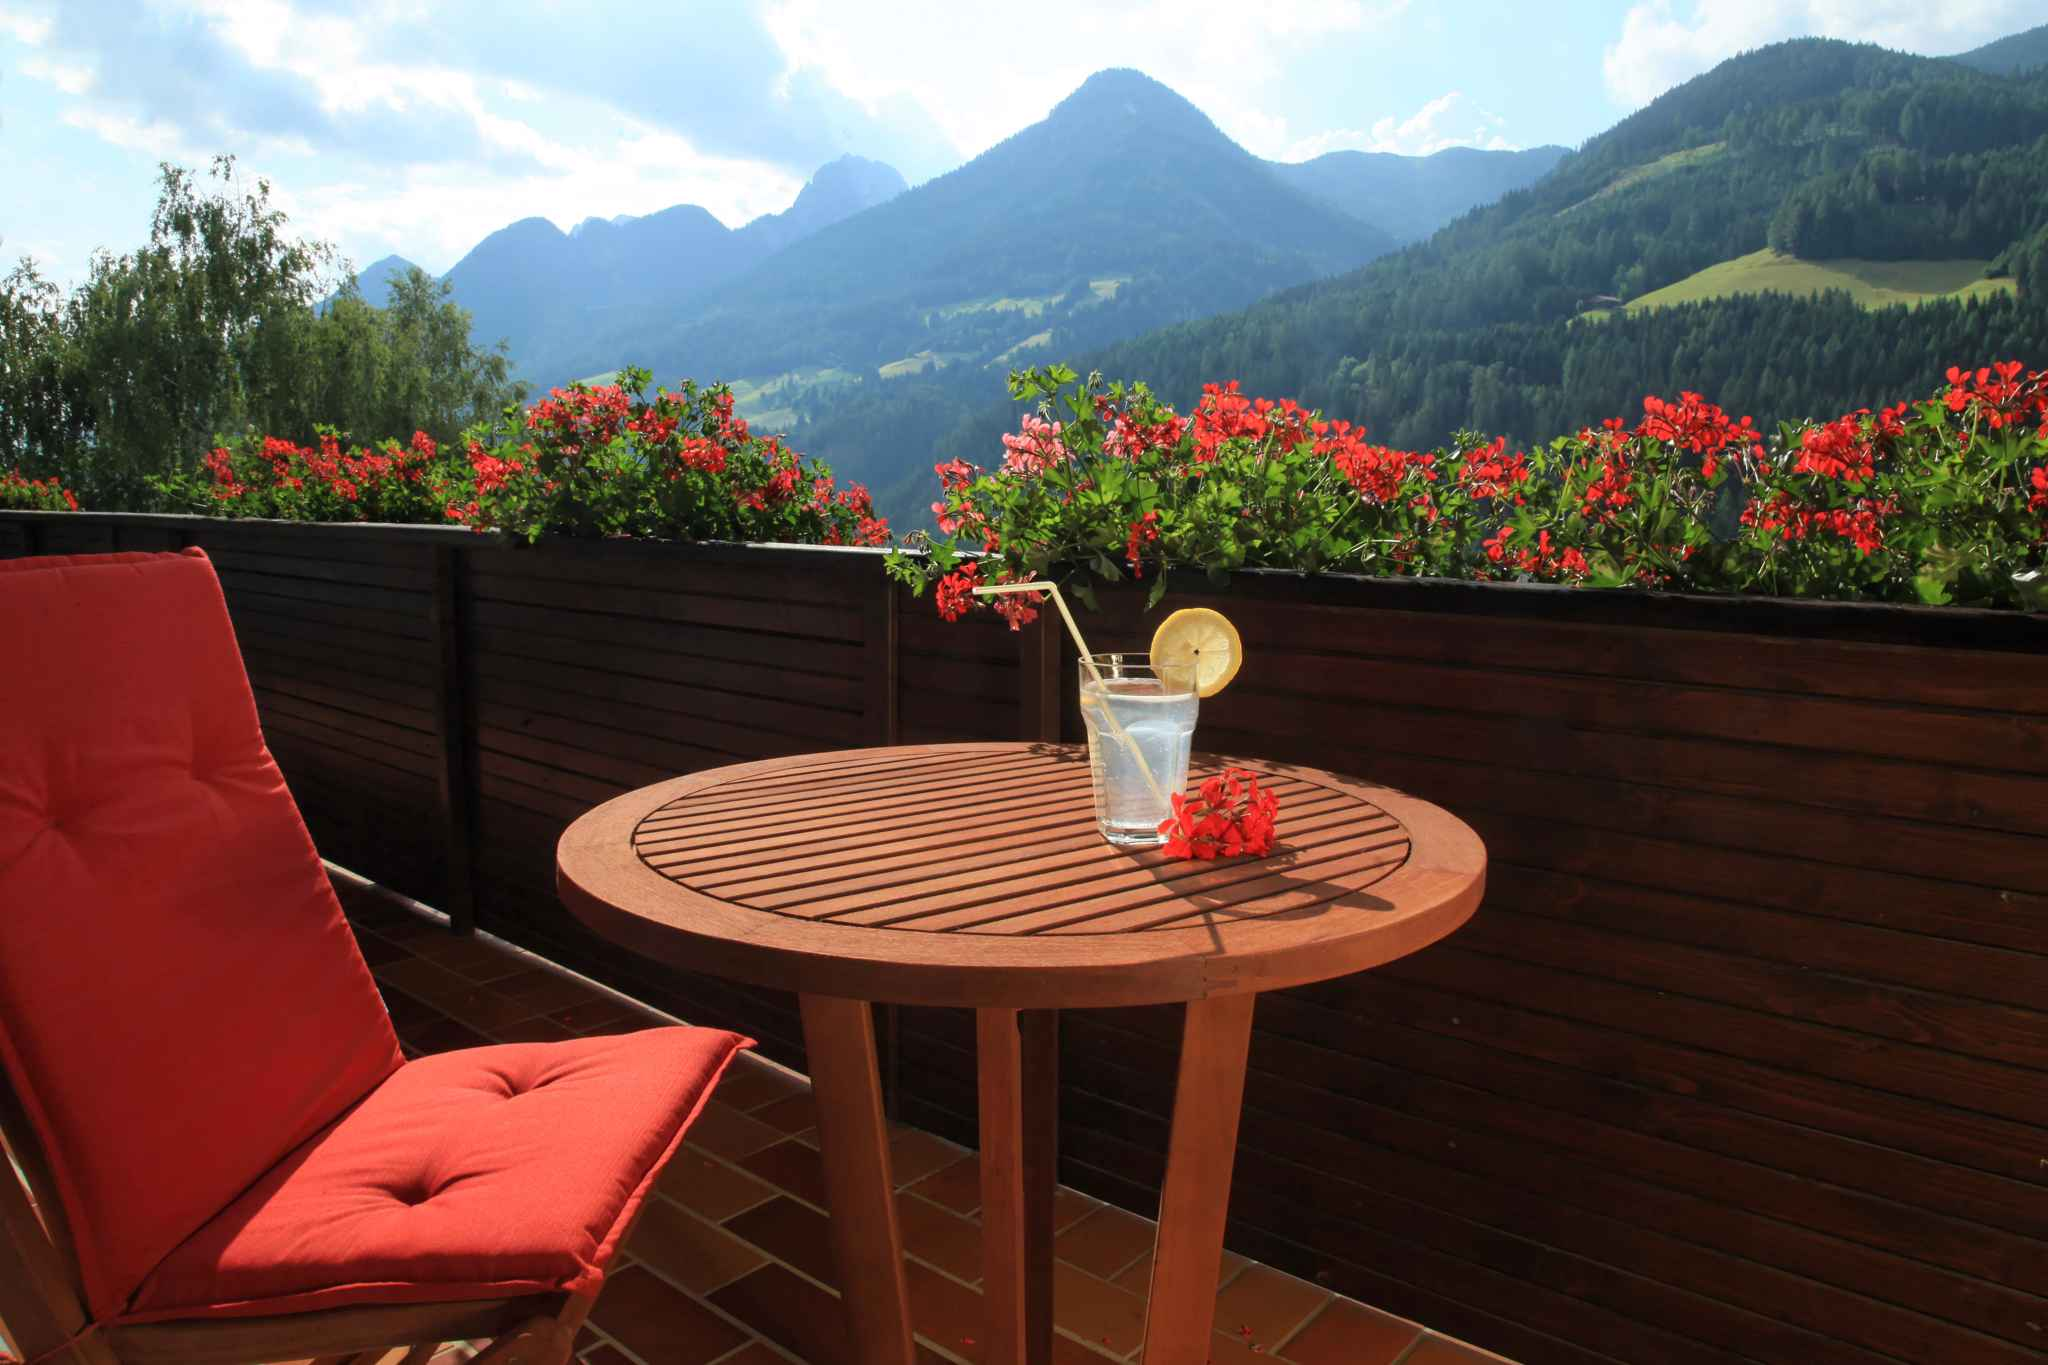 Ferienwohnung mit Balkon mit Panoramablick (1671098), Abfaltersbach, Osttirol, Tirol, Österreich, Bild 5